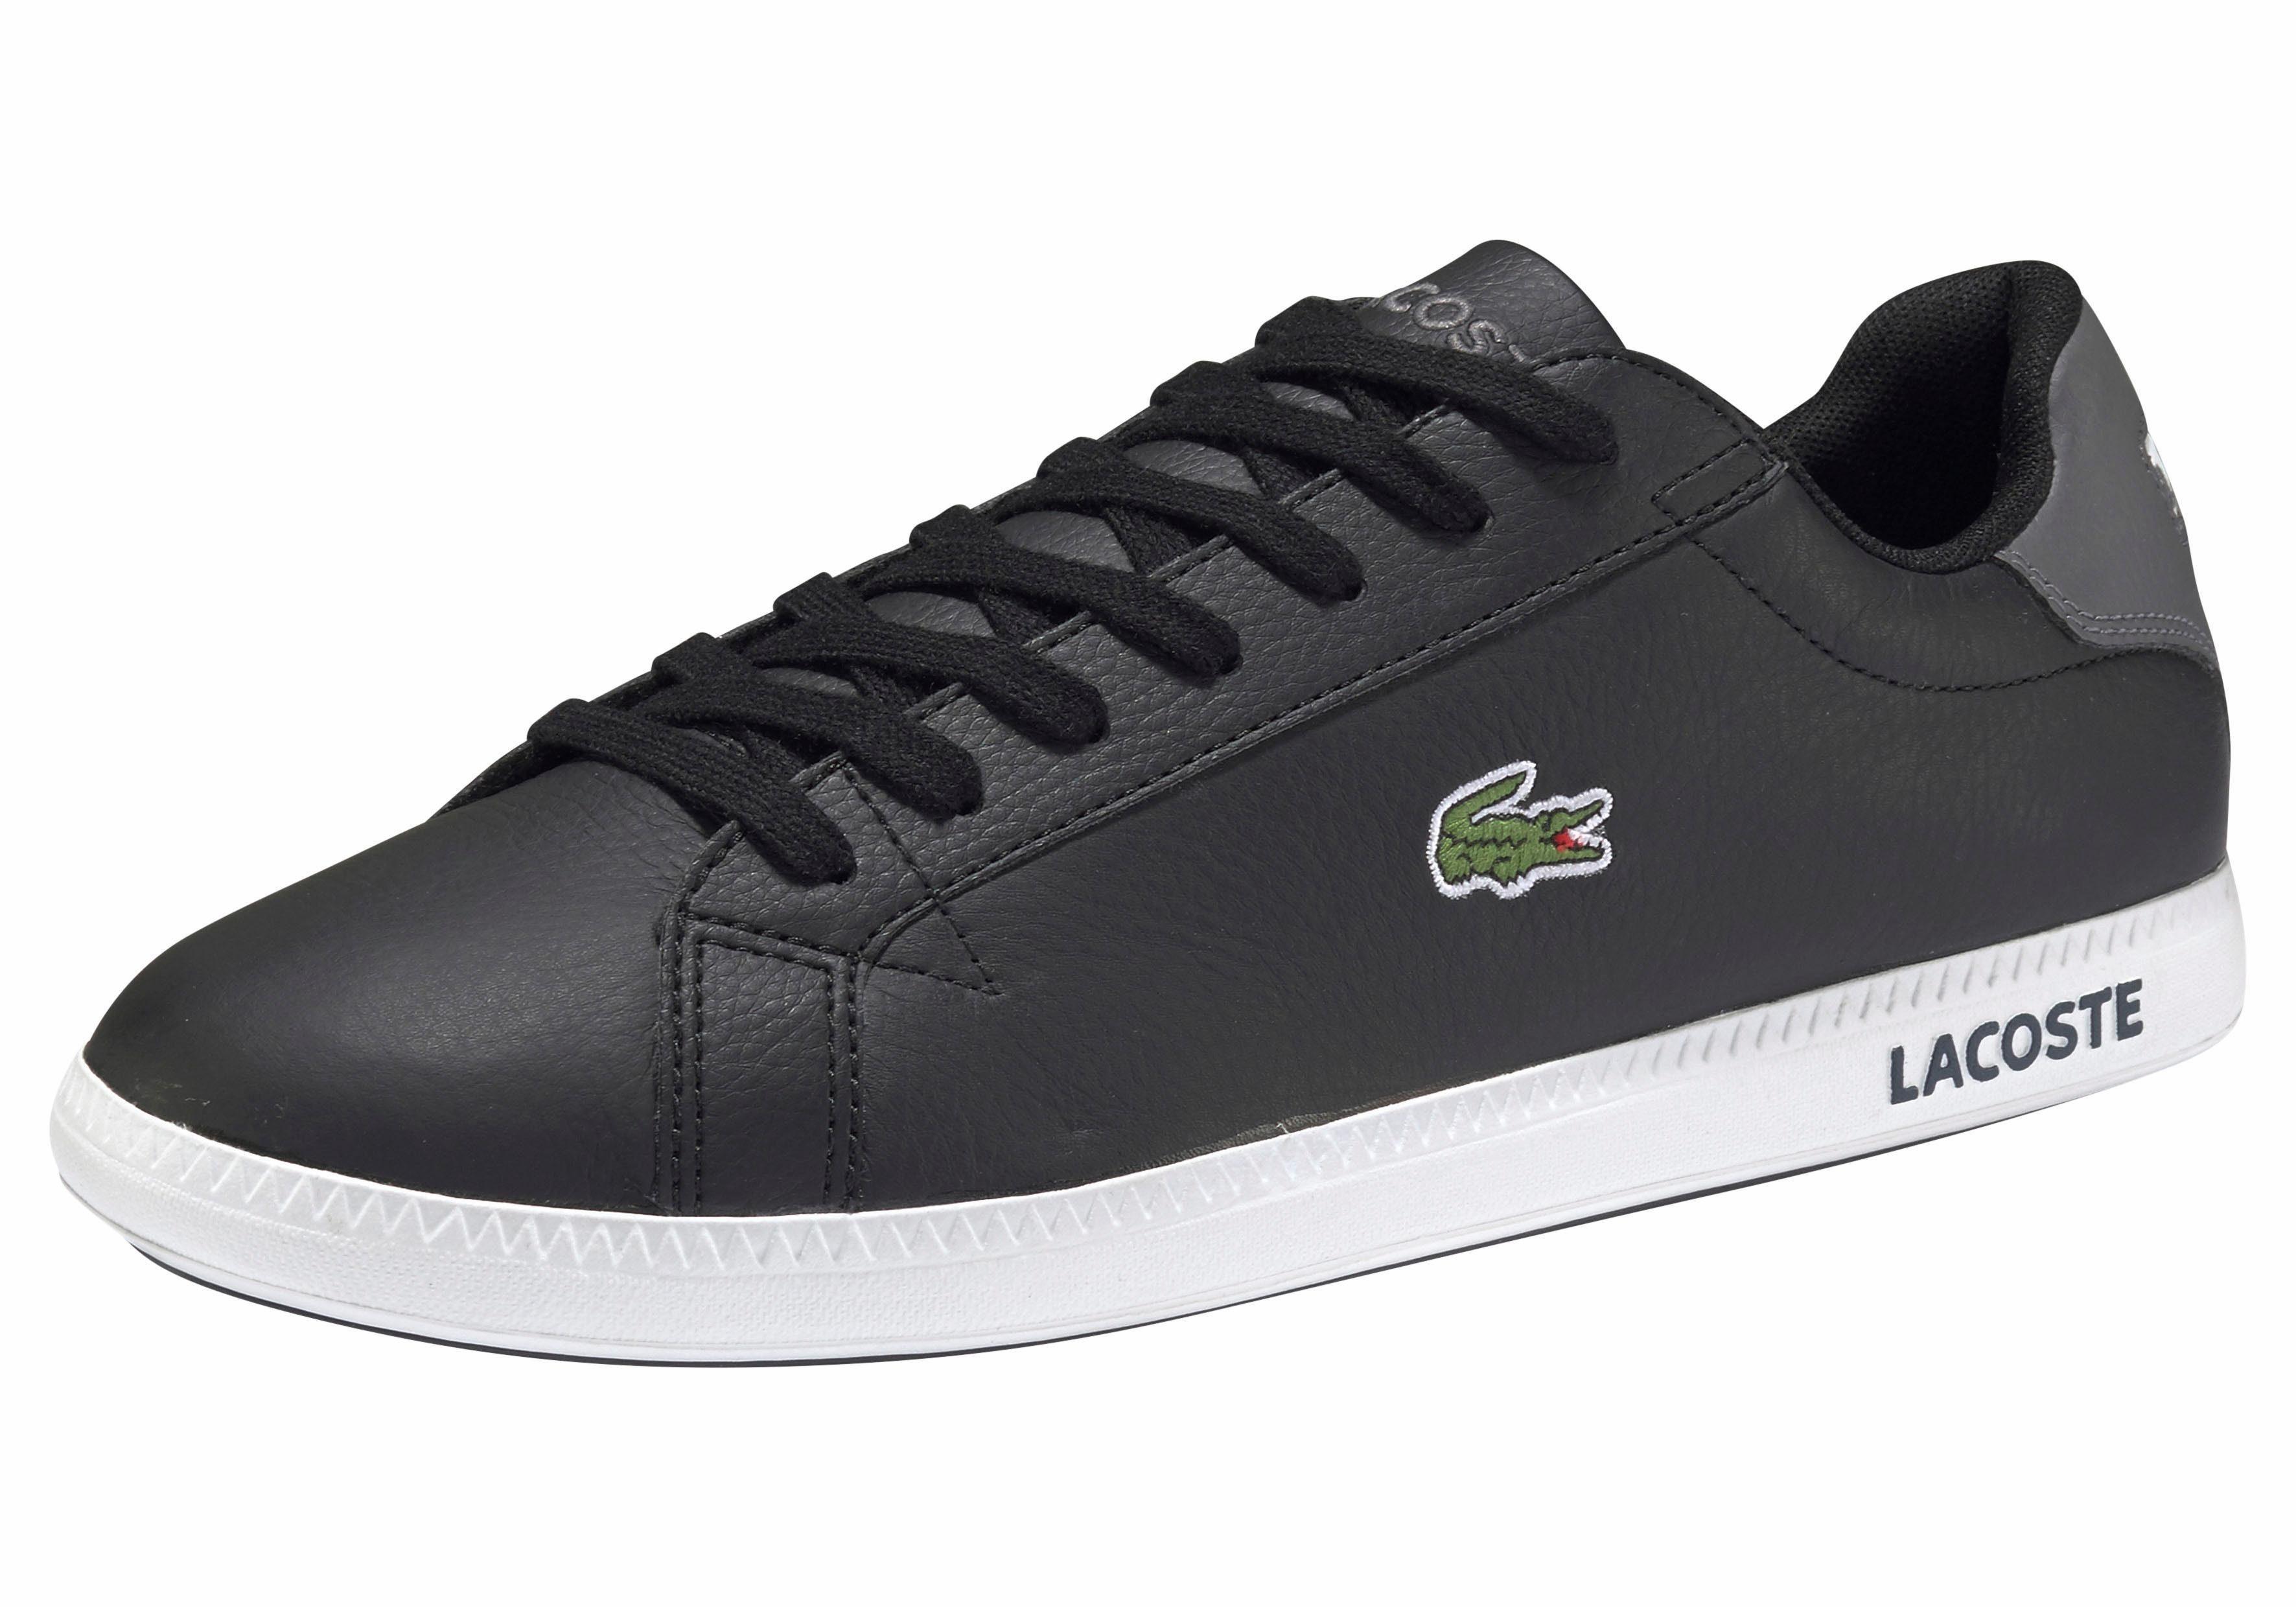 Diplômé De Lacoste Lcr3 118 1 Chaussures Noir gIUmMxv